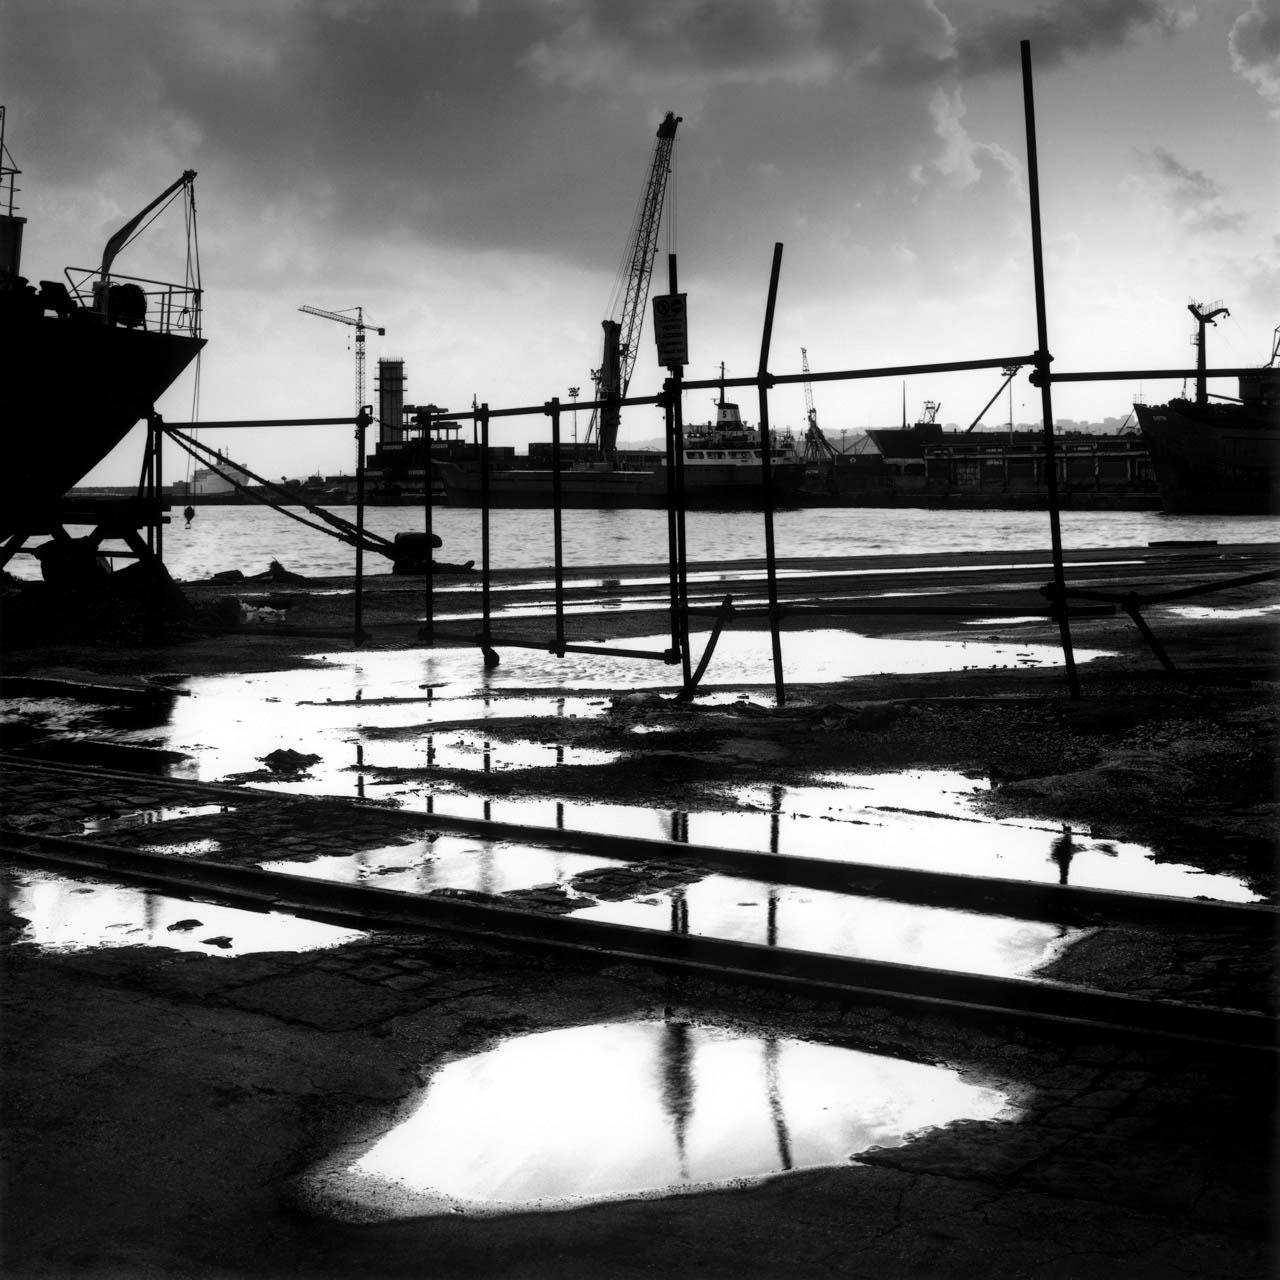 Pozzanghere, porto di Napoli, 2001 Stampa digitale su carta Hahnemuhle, cm 100x100 / 120x120 / 140x140 (ed. 6 + 1AP)